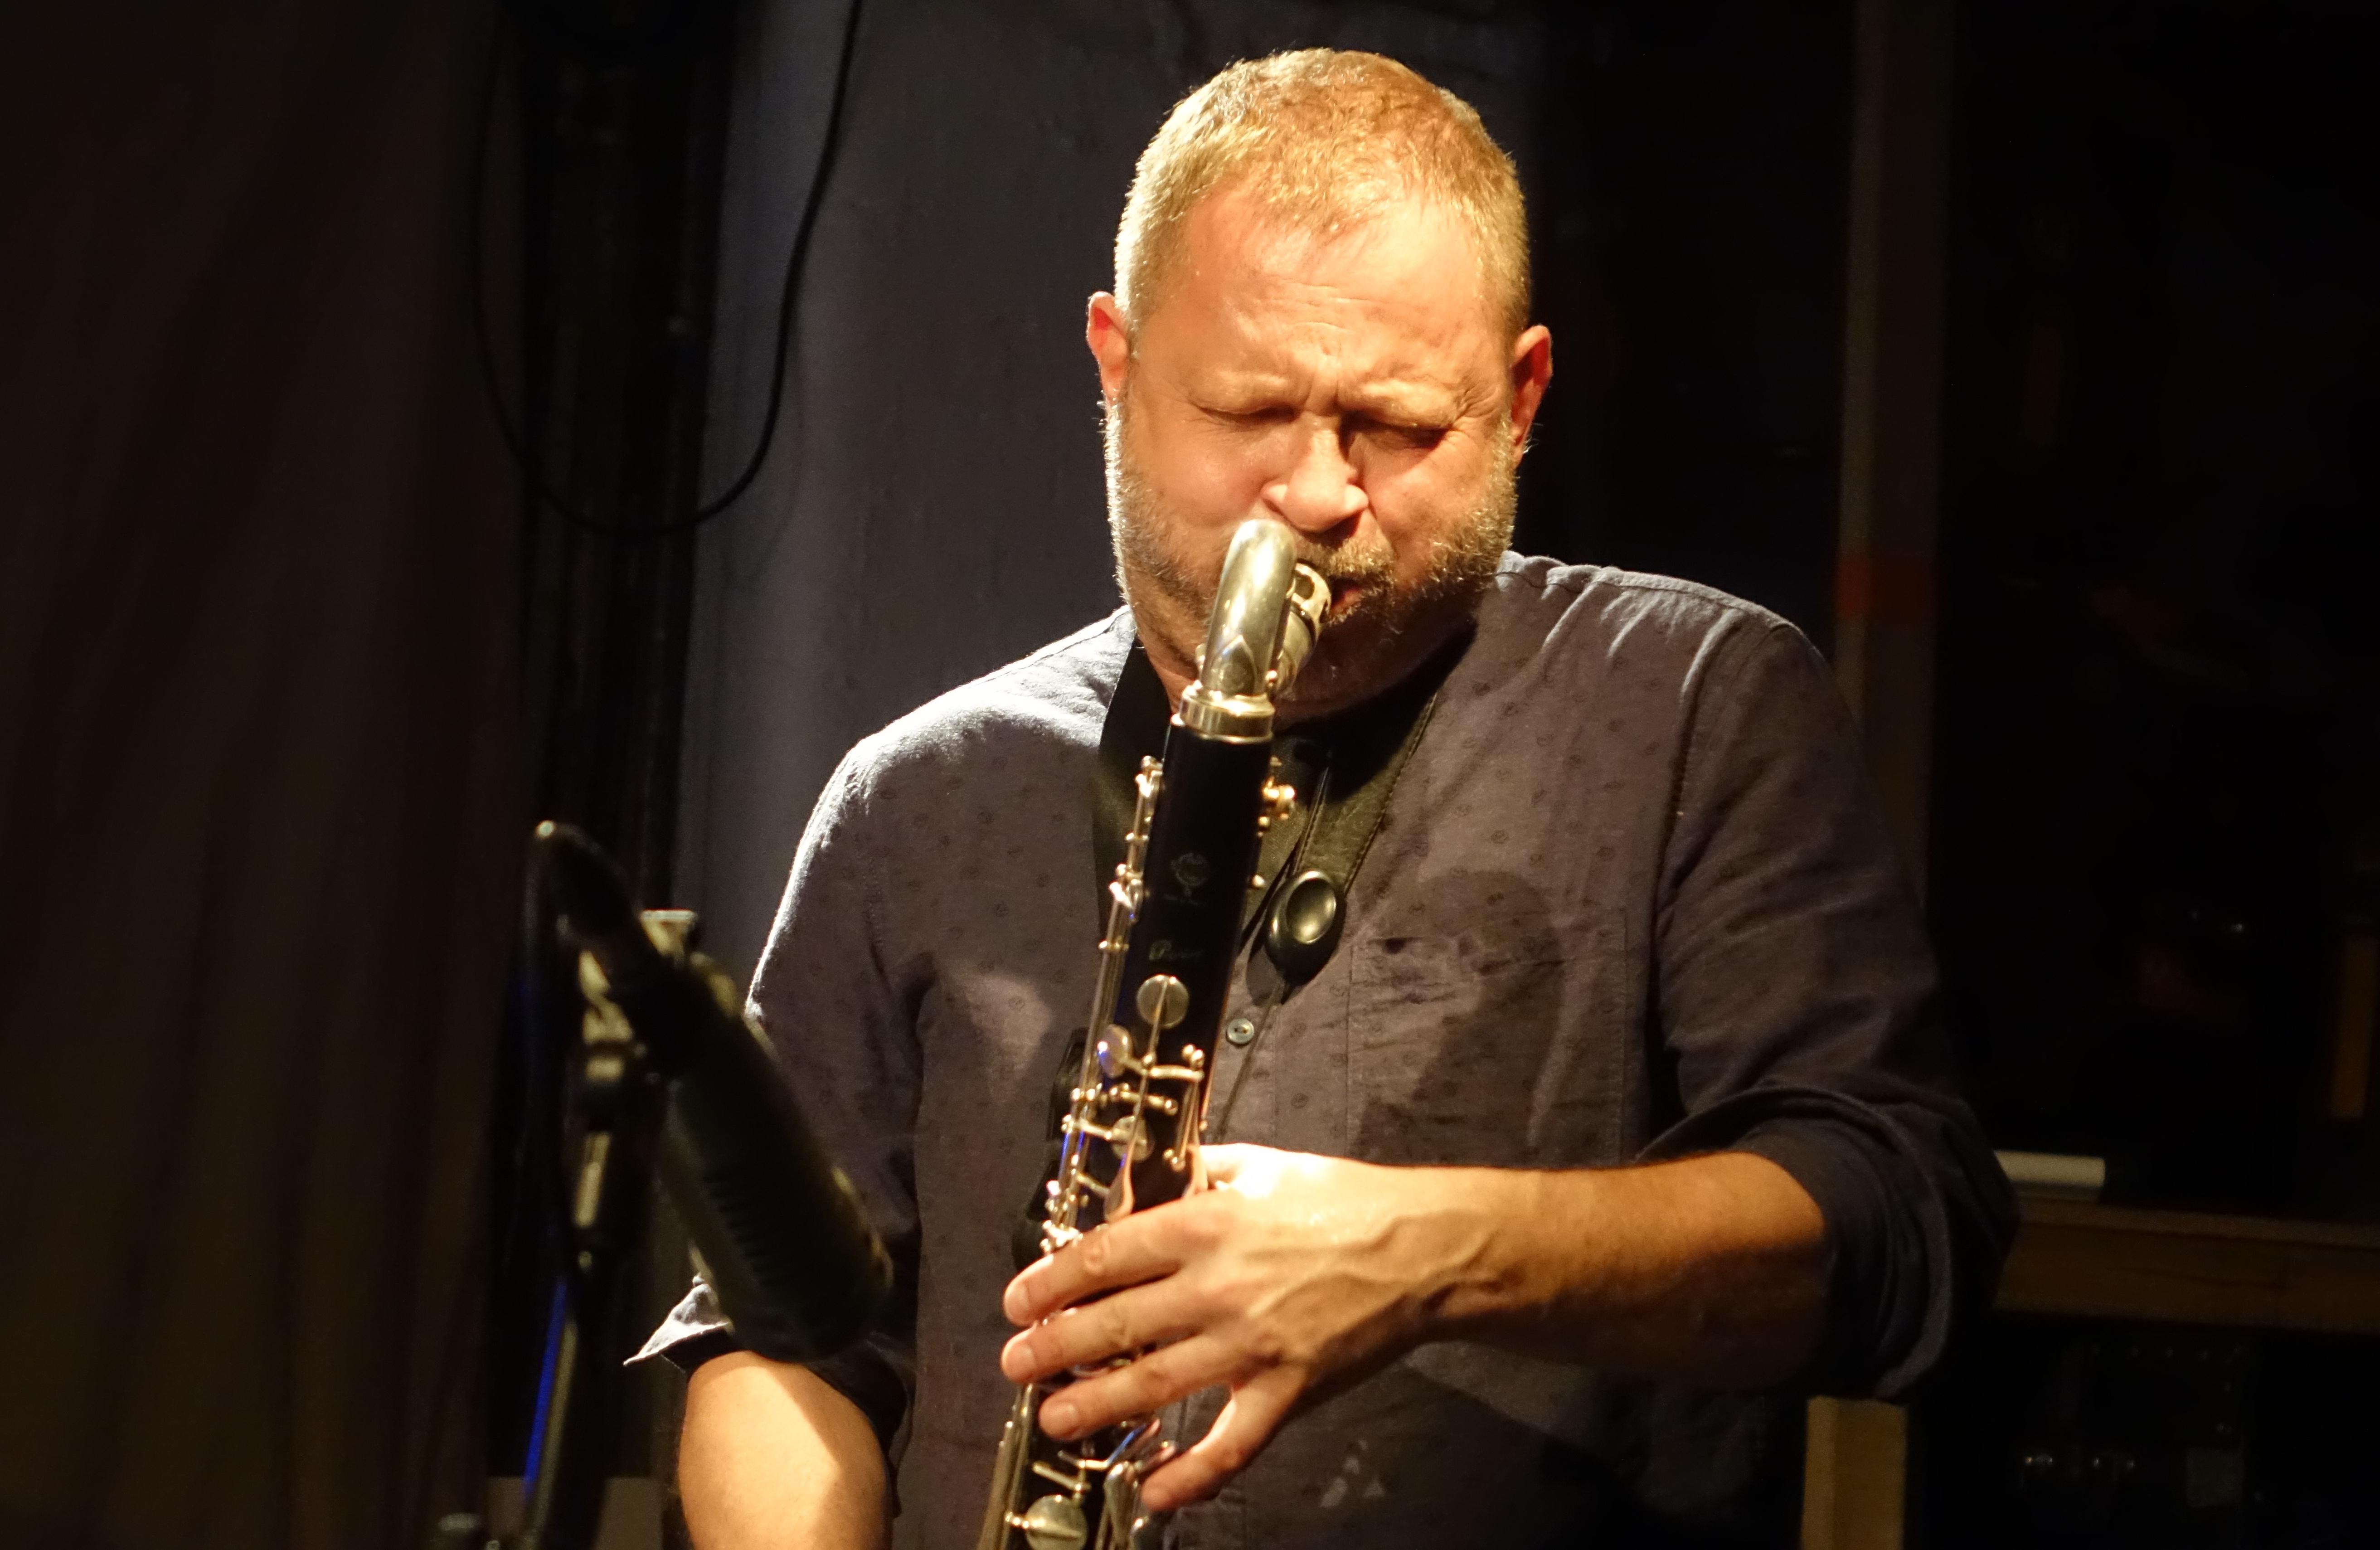 Mikolaj Trzaska at Cafe Oto, London in July 2019